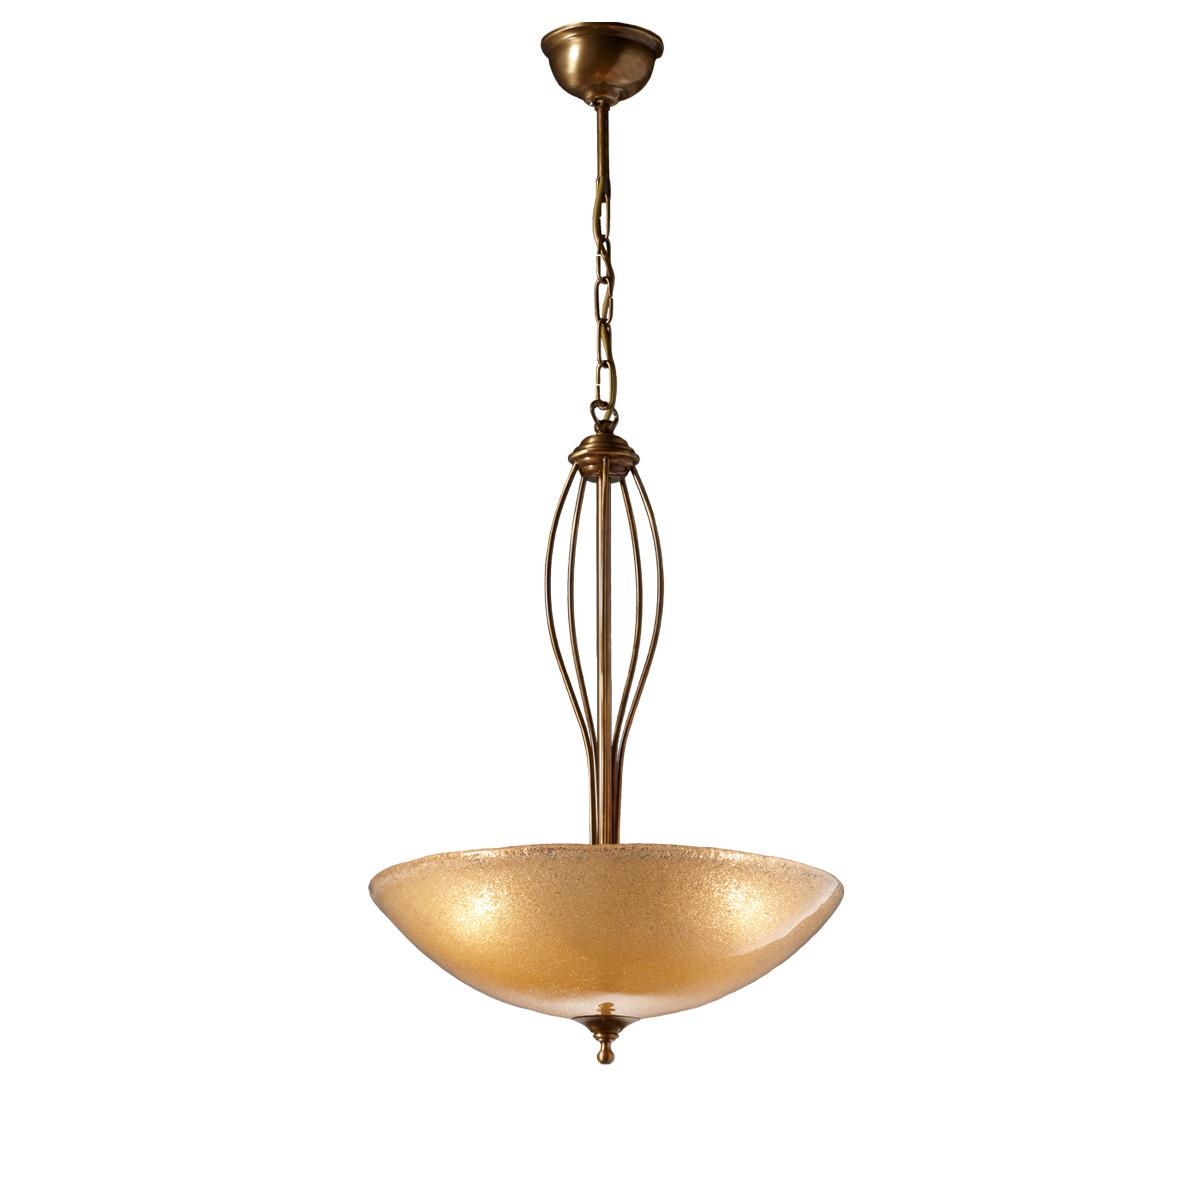 Κλασικό μονόφωτο με κρύσταλλο Murano | ΝΥΜΦΑΙΟ. Classic suspension lamp with Murano crystal | NYMPHEO